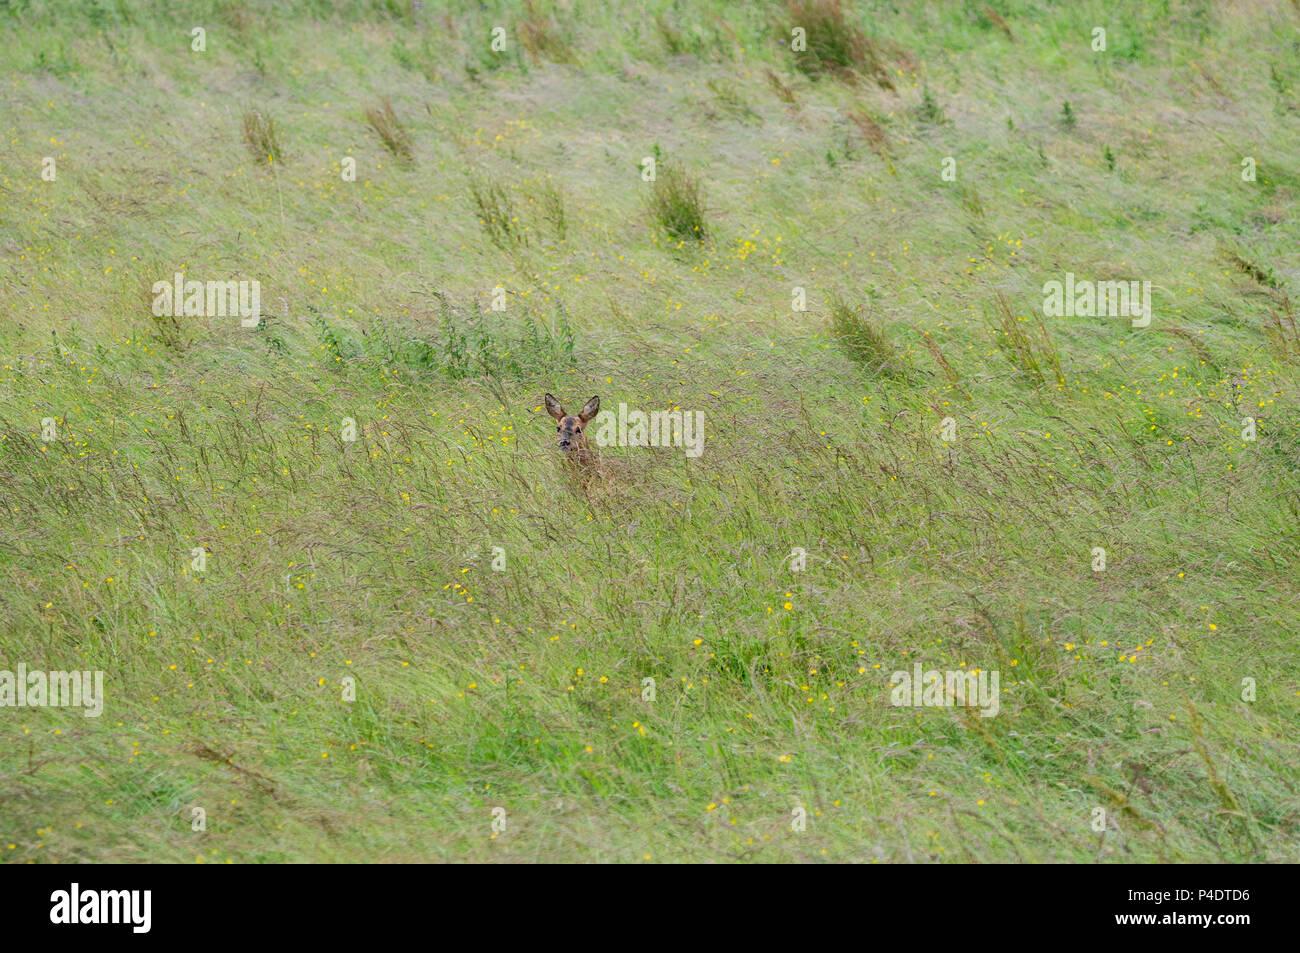 Ein wilder Rehe doe zu Fuß durch ein Feld von butterblumen, in Richtung Kamera schaut Stockfoto